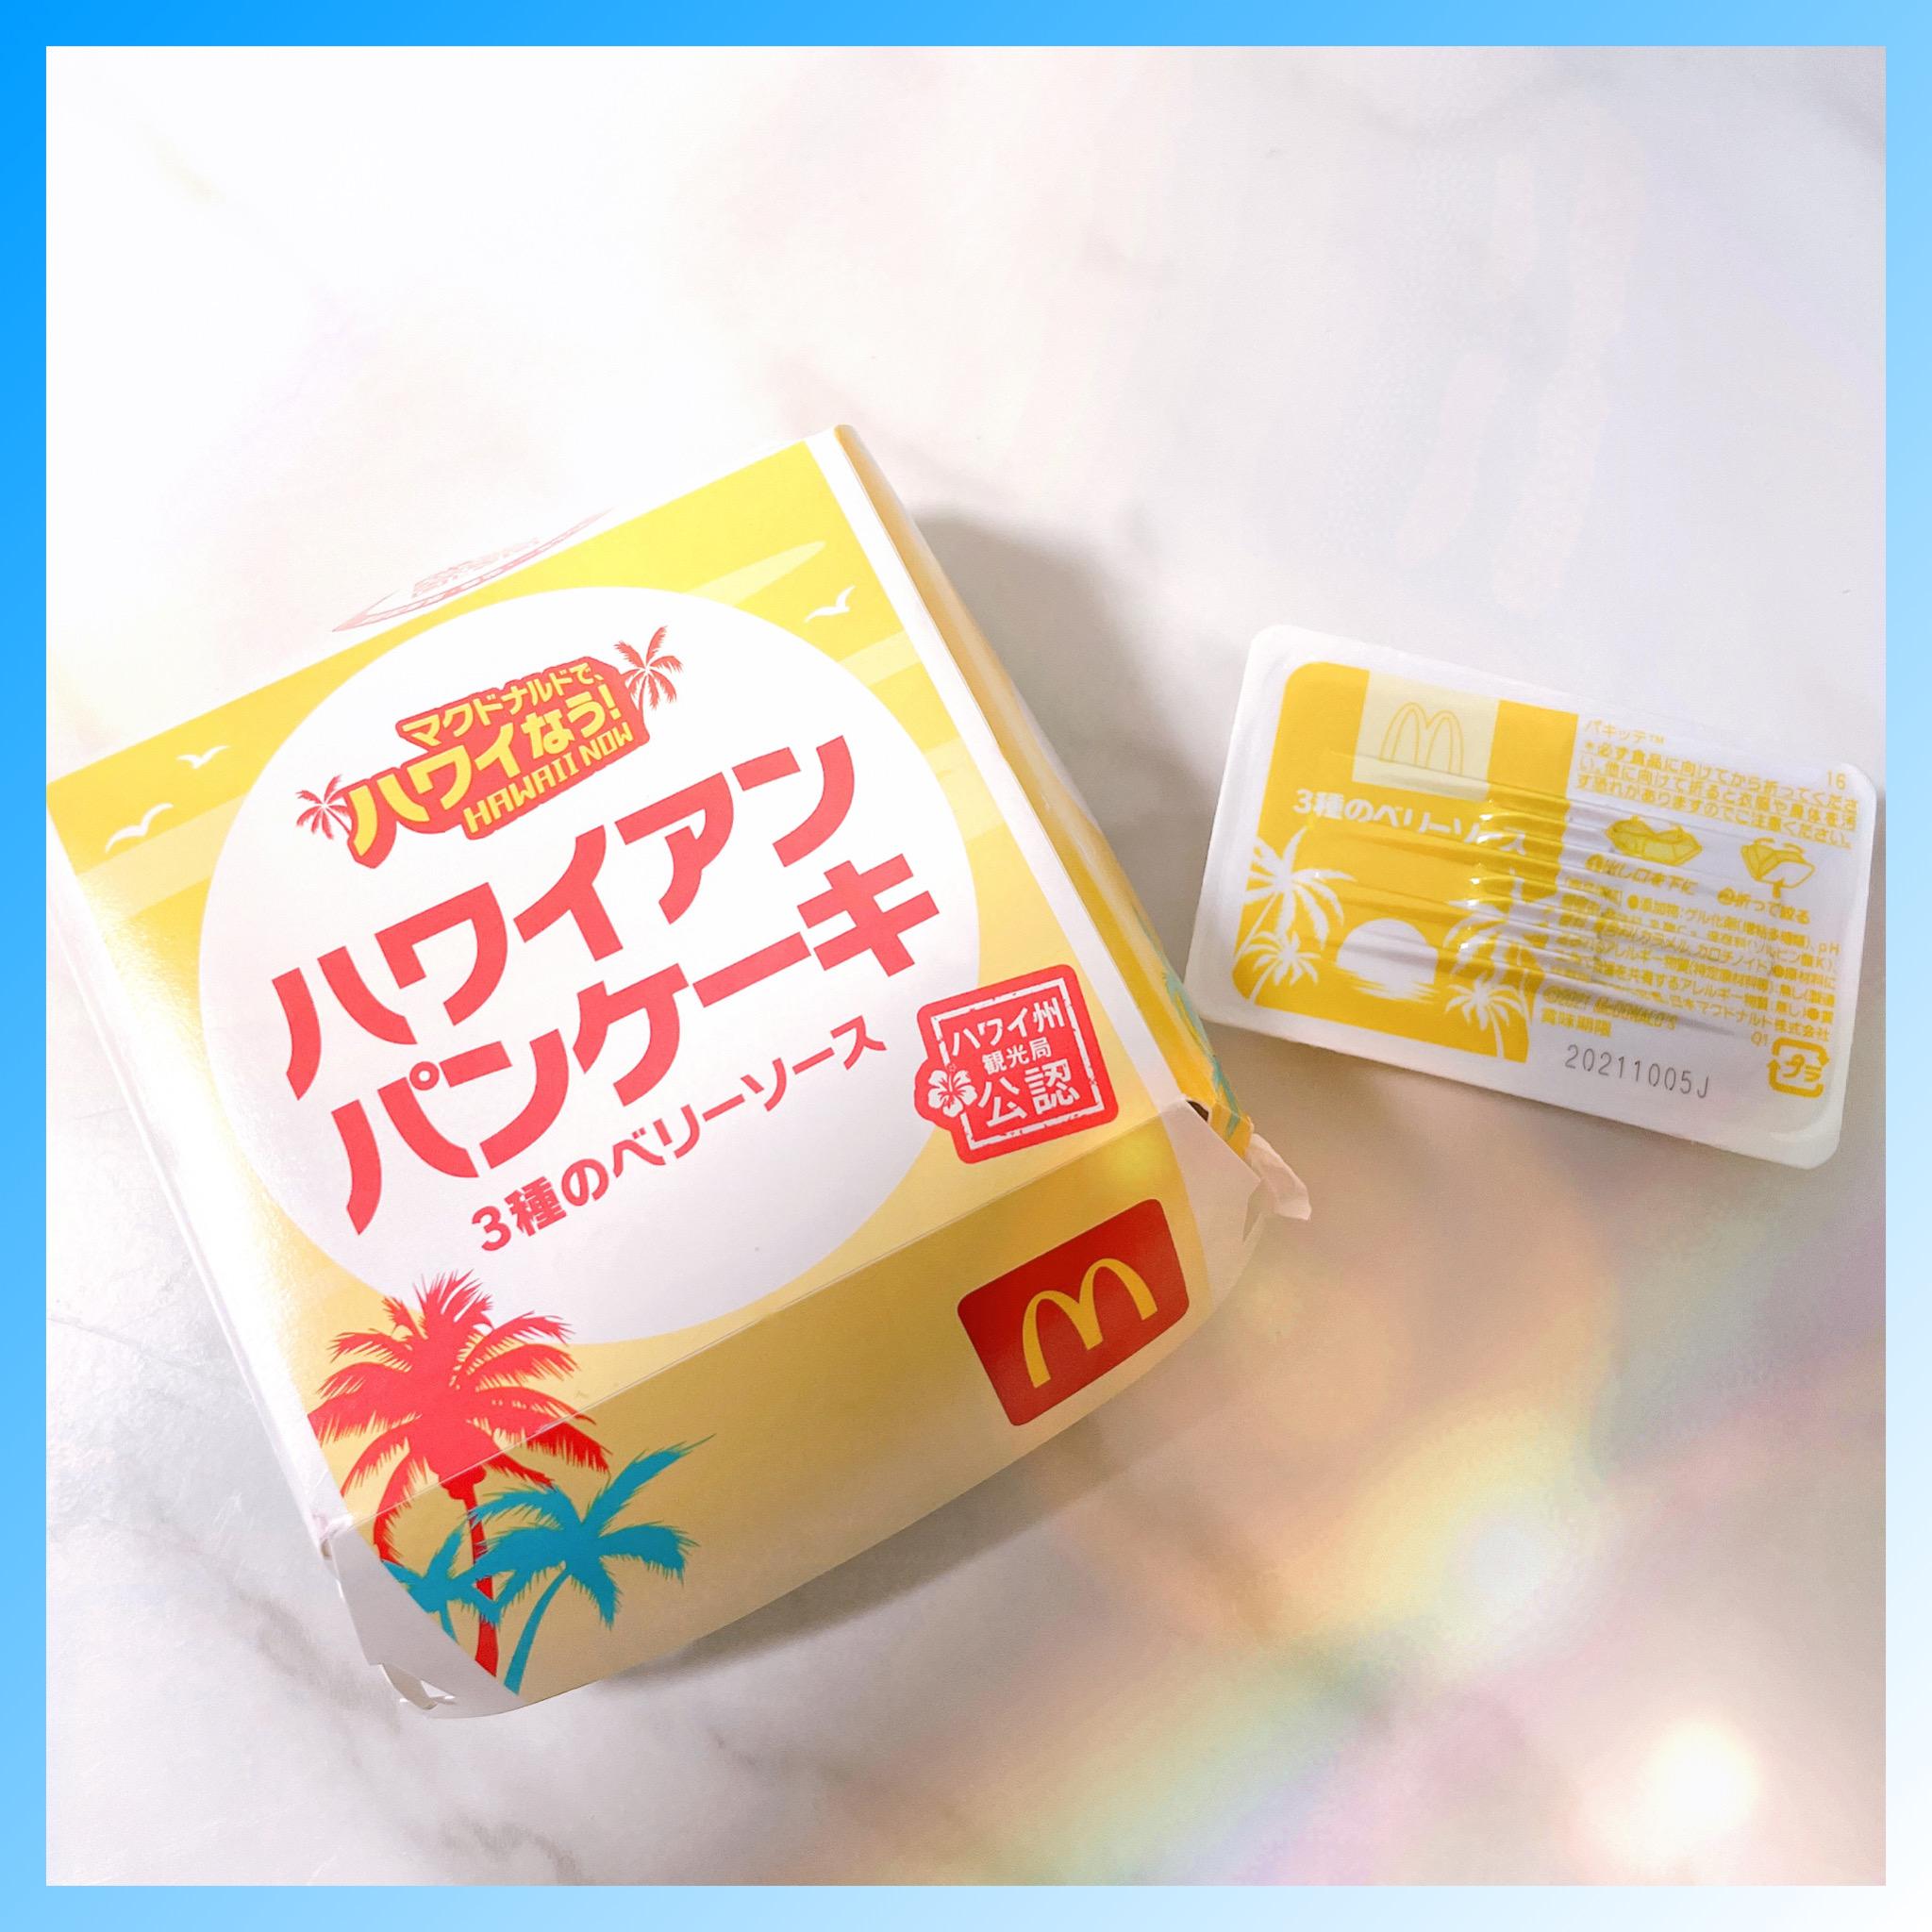 もう、食べた?夏を盛り上げる新商品!今だけの限定Menu★_7